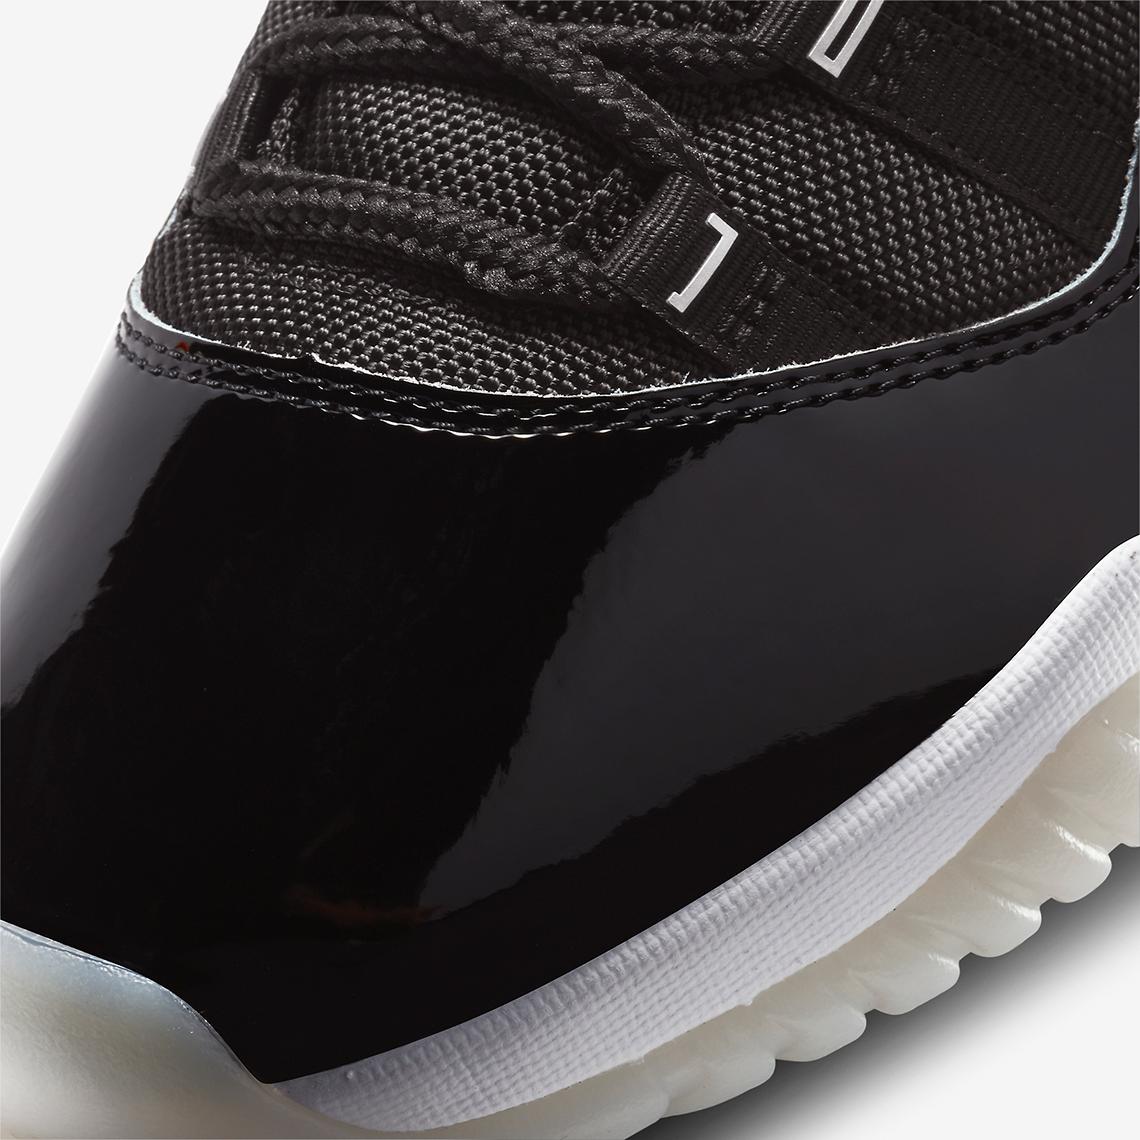 Air Jordan 11 Jubilee - Store List